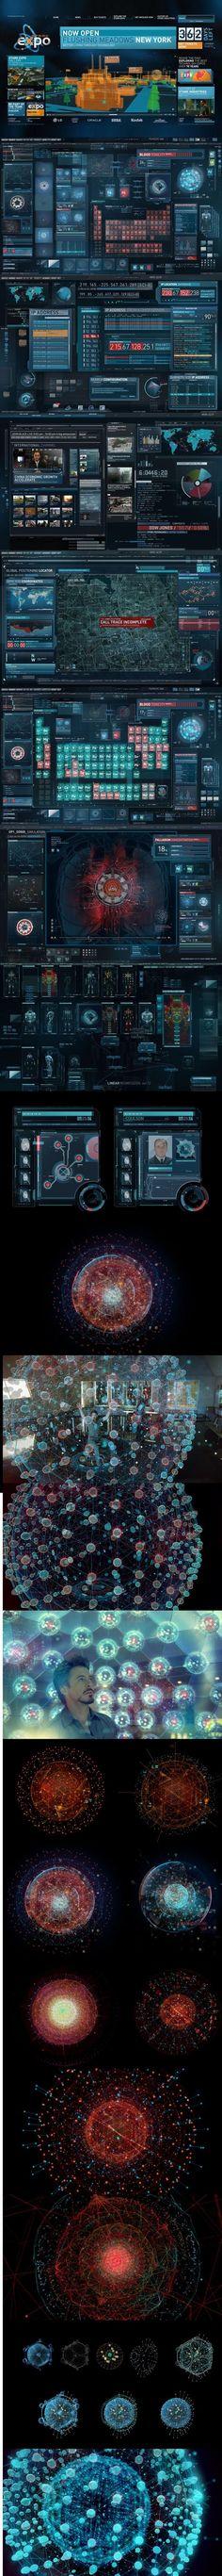 【几个电影的UI设计及其素材】Aveng...